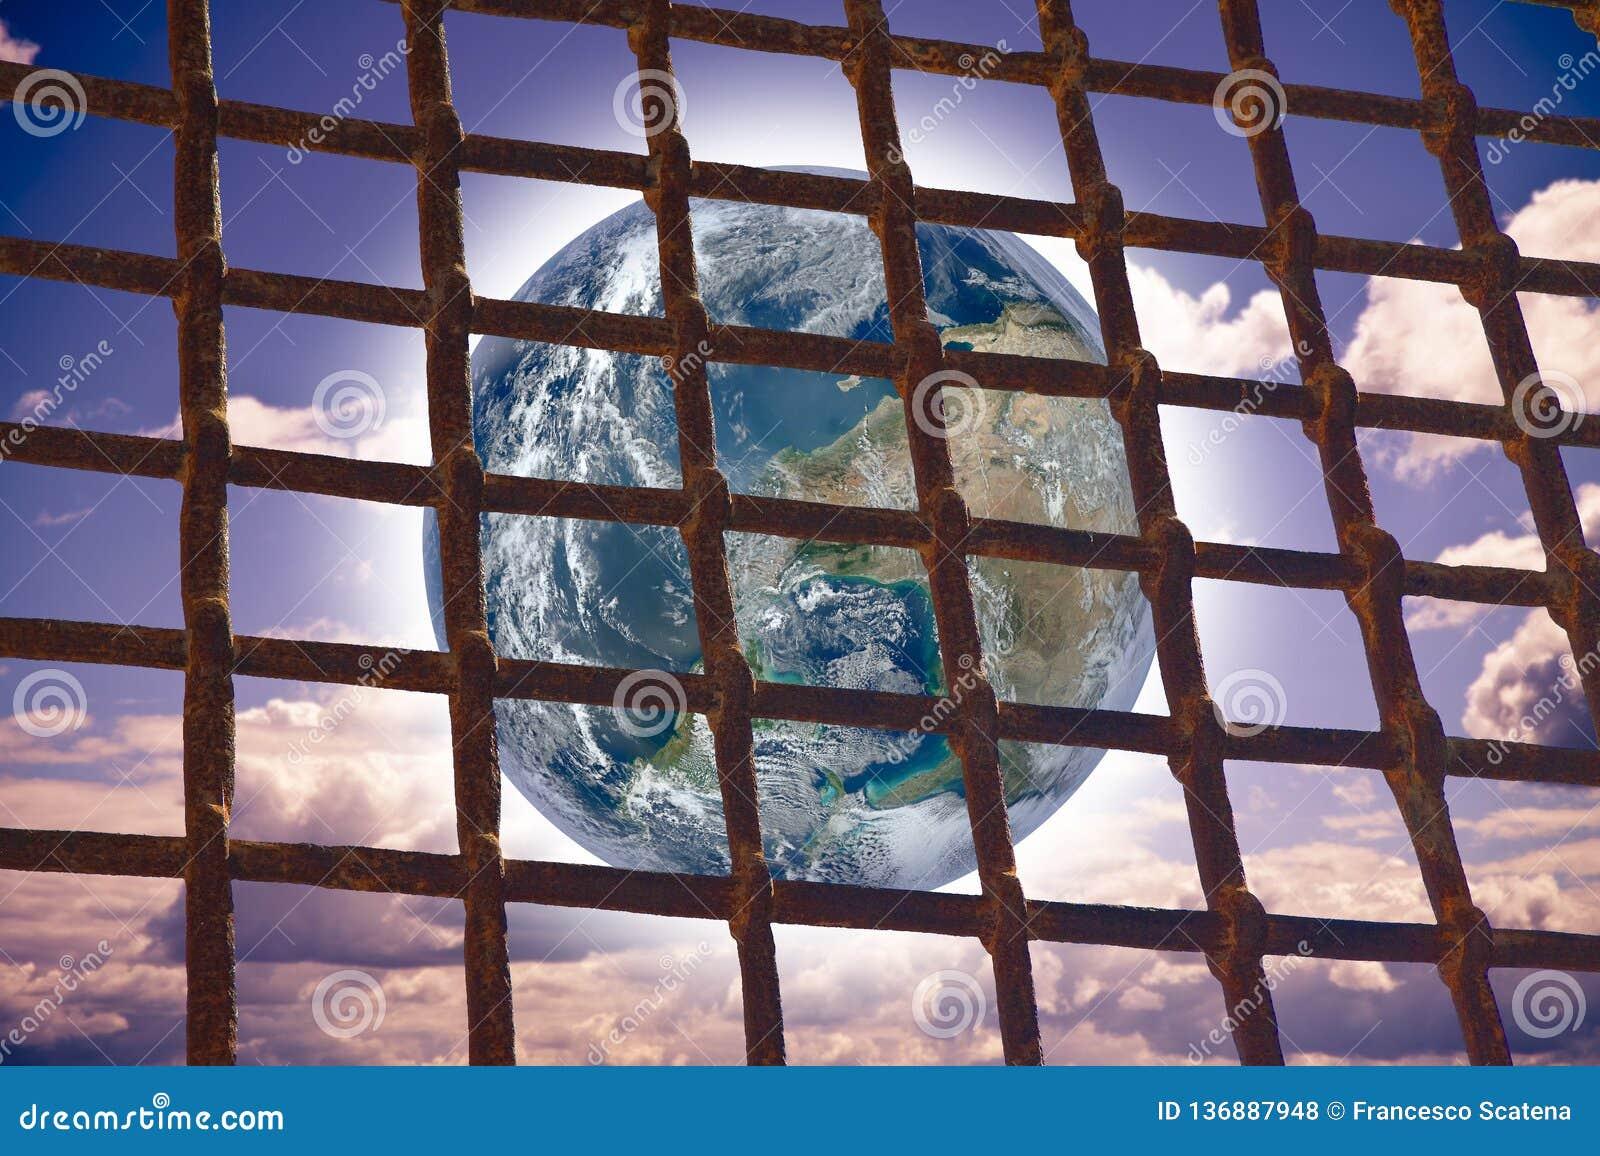 进行下去监狱的金属花格的世界-与图象的概念图象从美国航空航天局